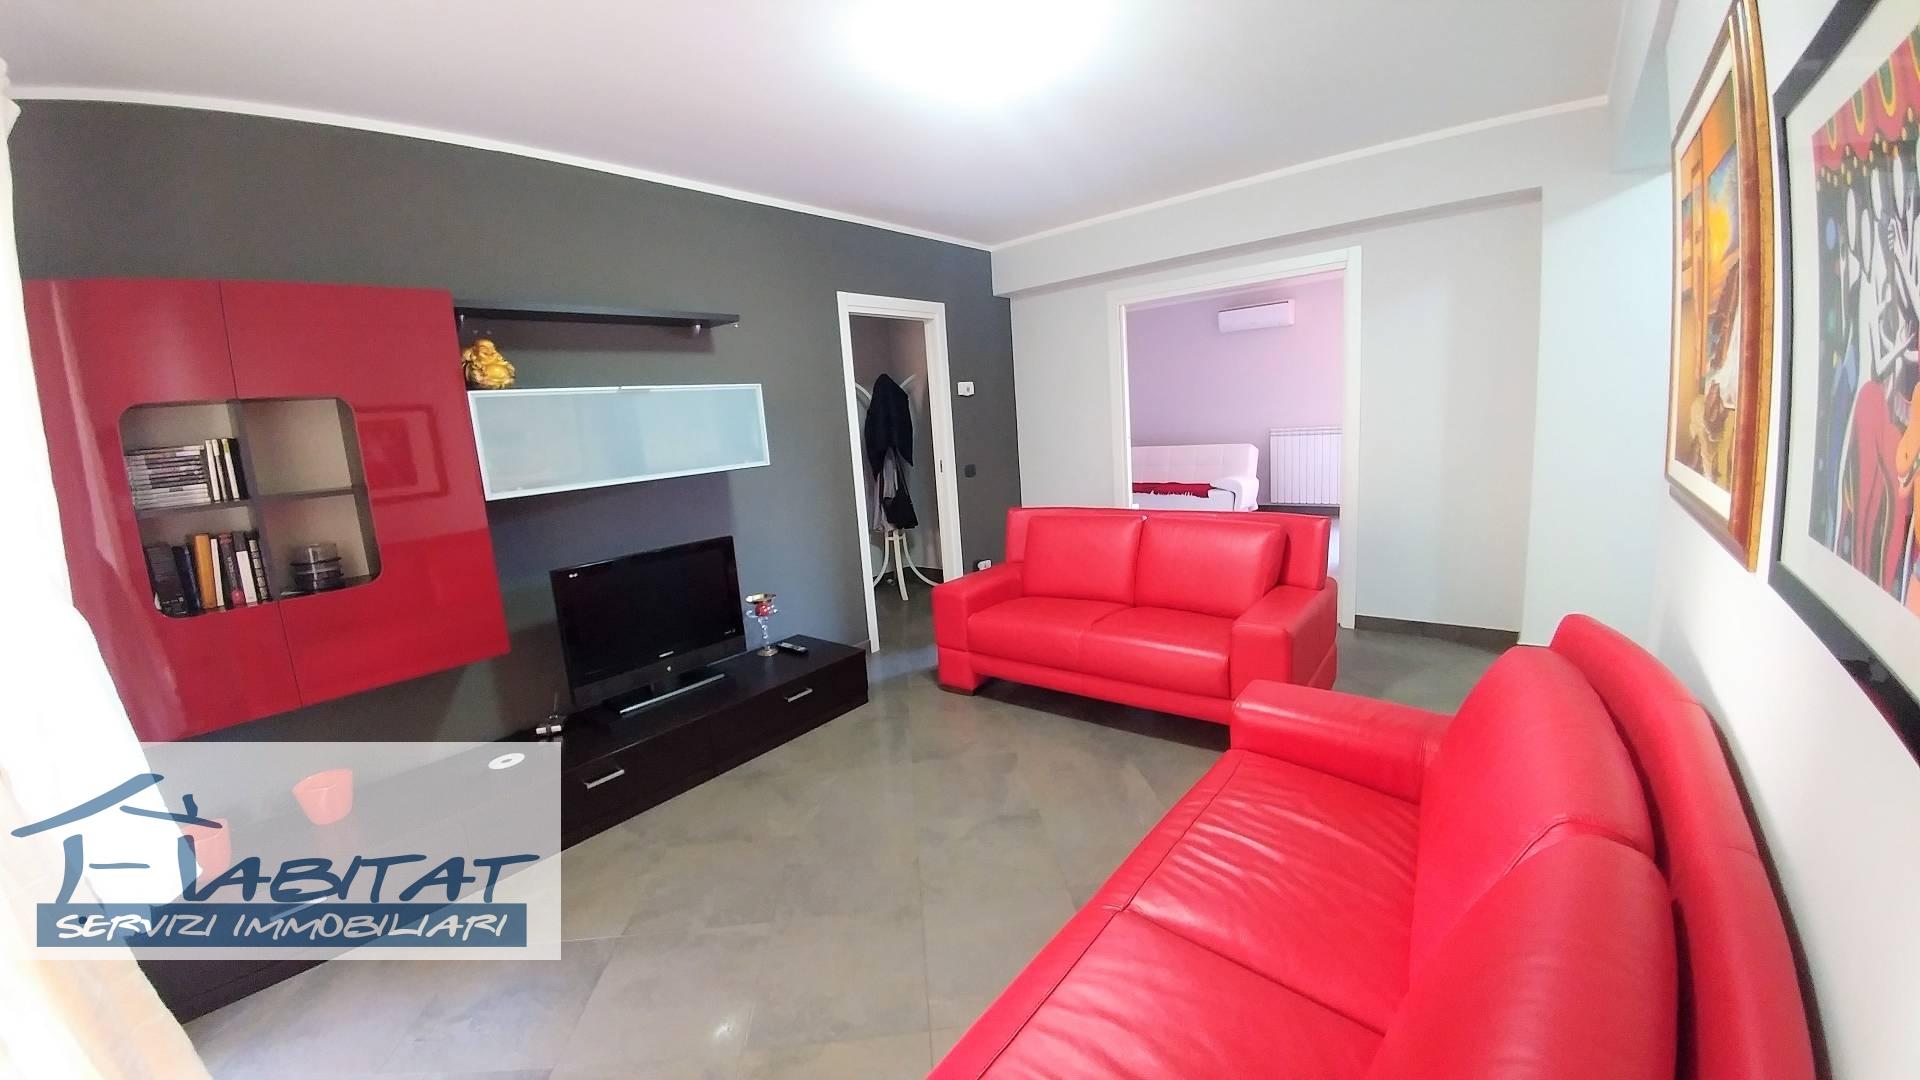 Appartamento in vendita a Agrigento, 5 locali, zona Località: Quadrivio, prezzo € 160.000 | CambioCasa.it